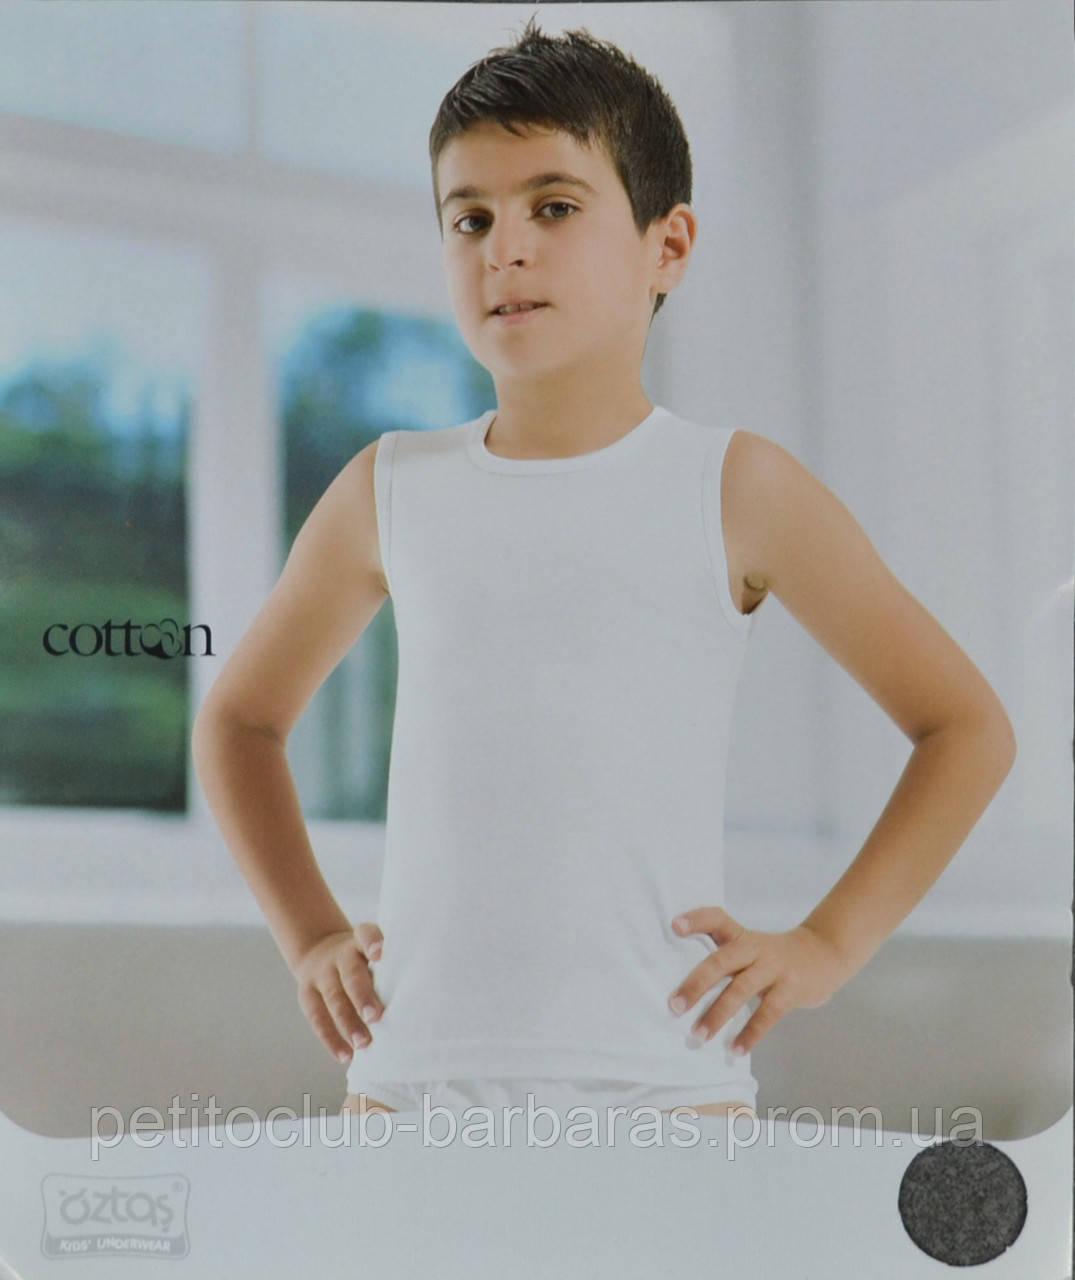 Футболка-безрукавка для хлопчика біла (OZTAS, Туреччина)